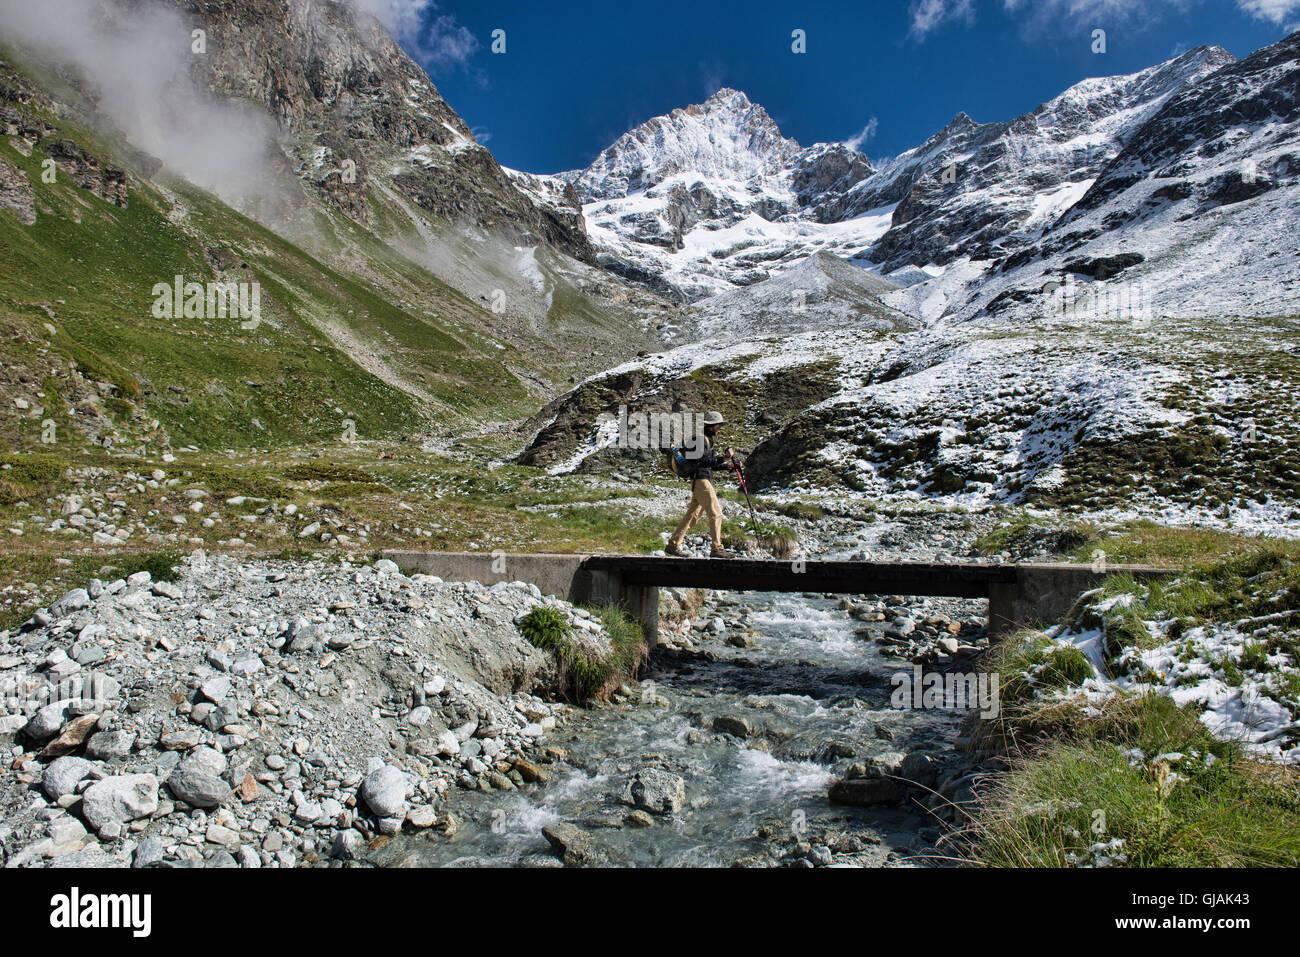 Crossing under the Ober Gabelhorn along the trail to the Schonbielhutte, Zermatt, Switzerland Stock Photo